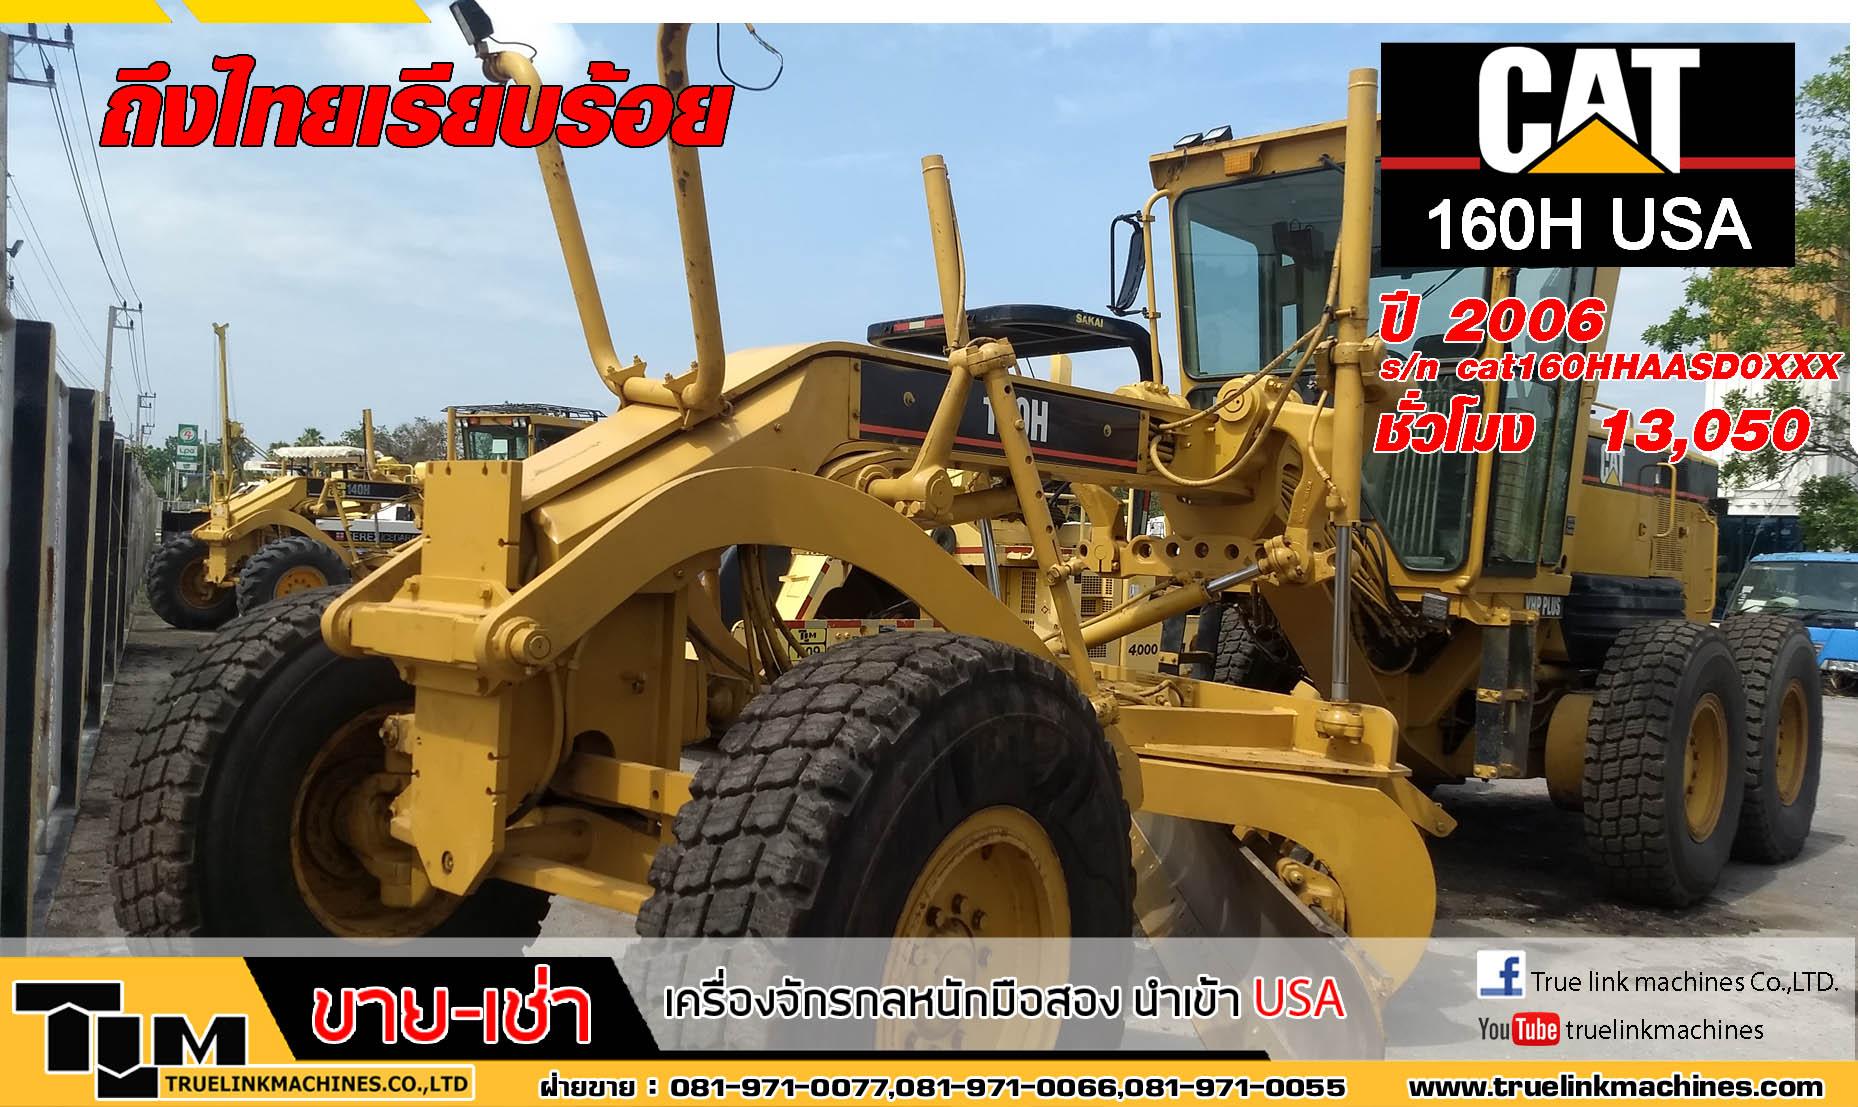 รถเกรด Cat 160H ปี2006 นำเข้า USA ถึงไทยเรียบร้อย สดๆพร้อมใช้งาน 13,050 ชั่วโมง